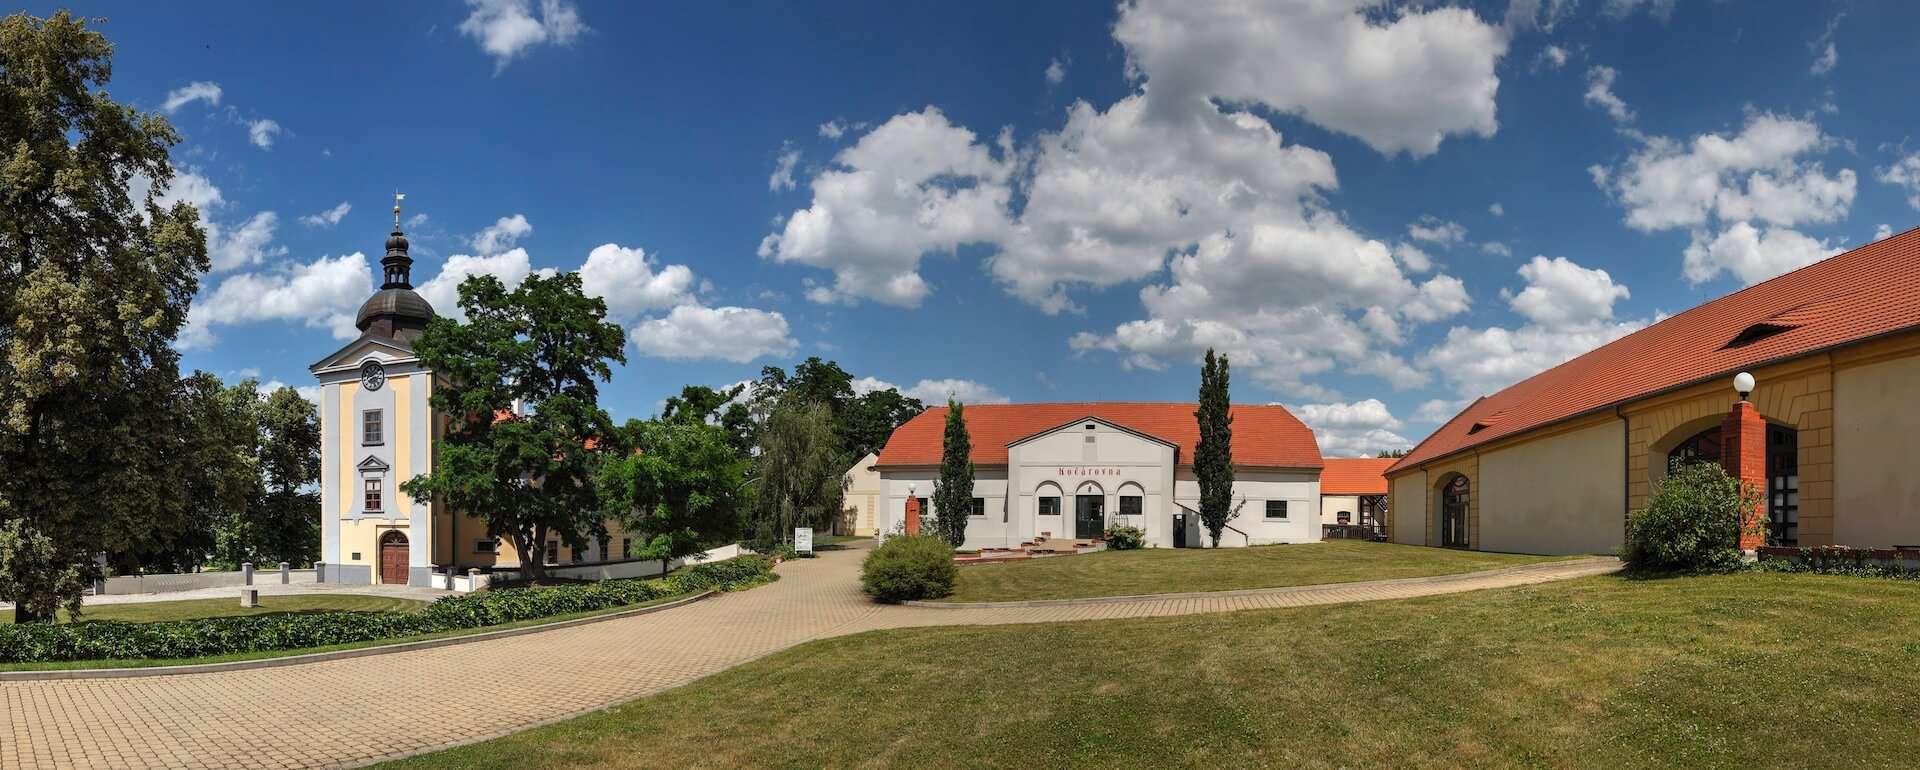 Zámecký areál Ctěnice - úvodní foto